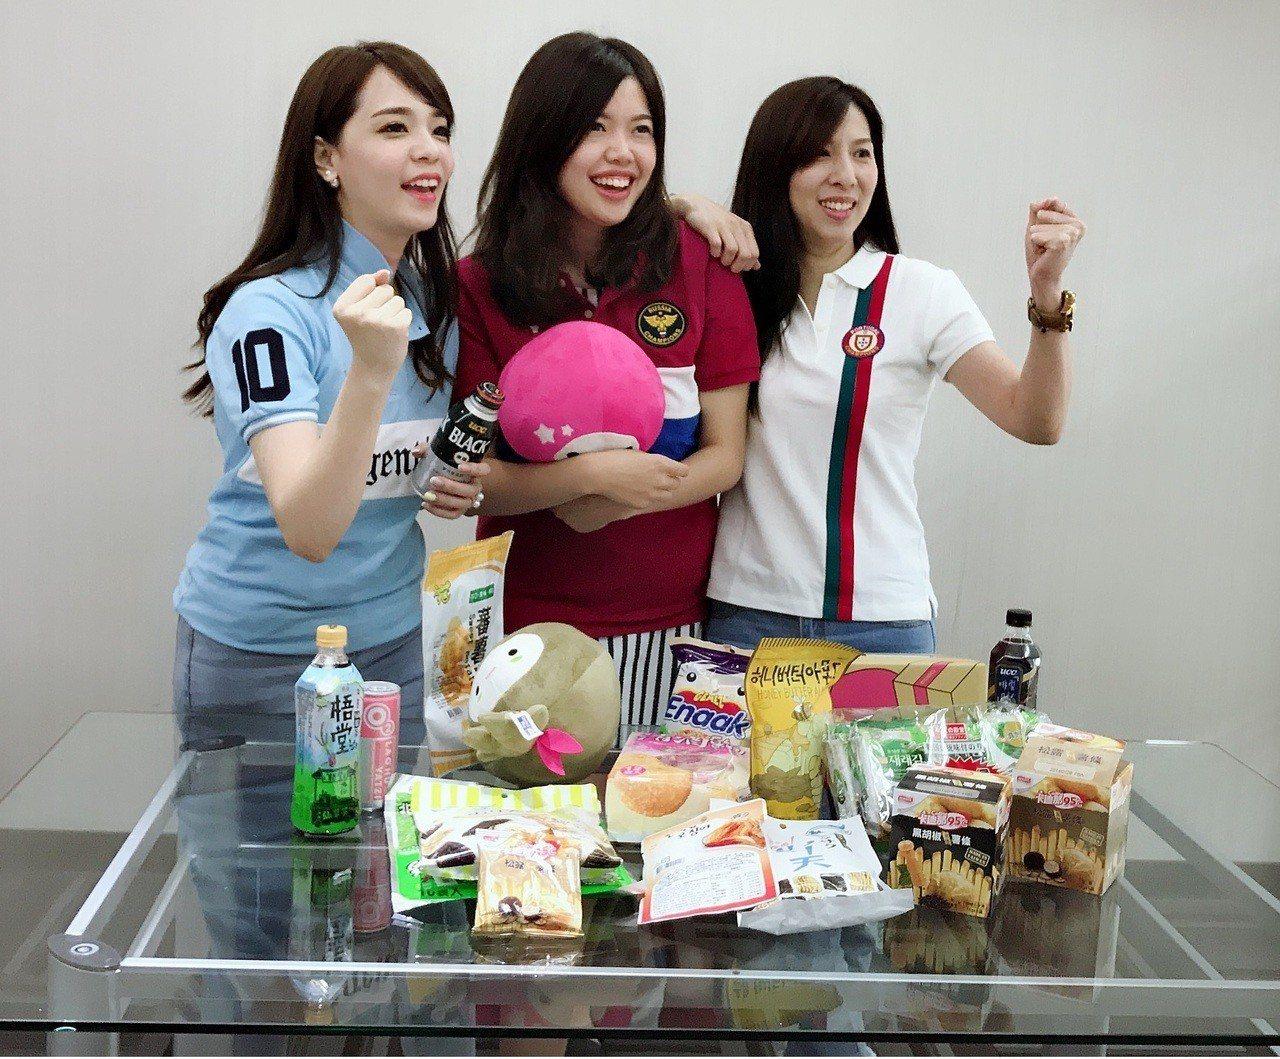 momo購物網即日起至7月15日舉辦瘋世足活動,隊伍服飾、國旗足球、充氣足球門與...